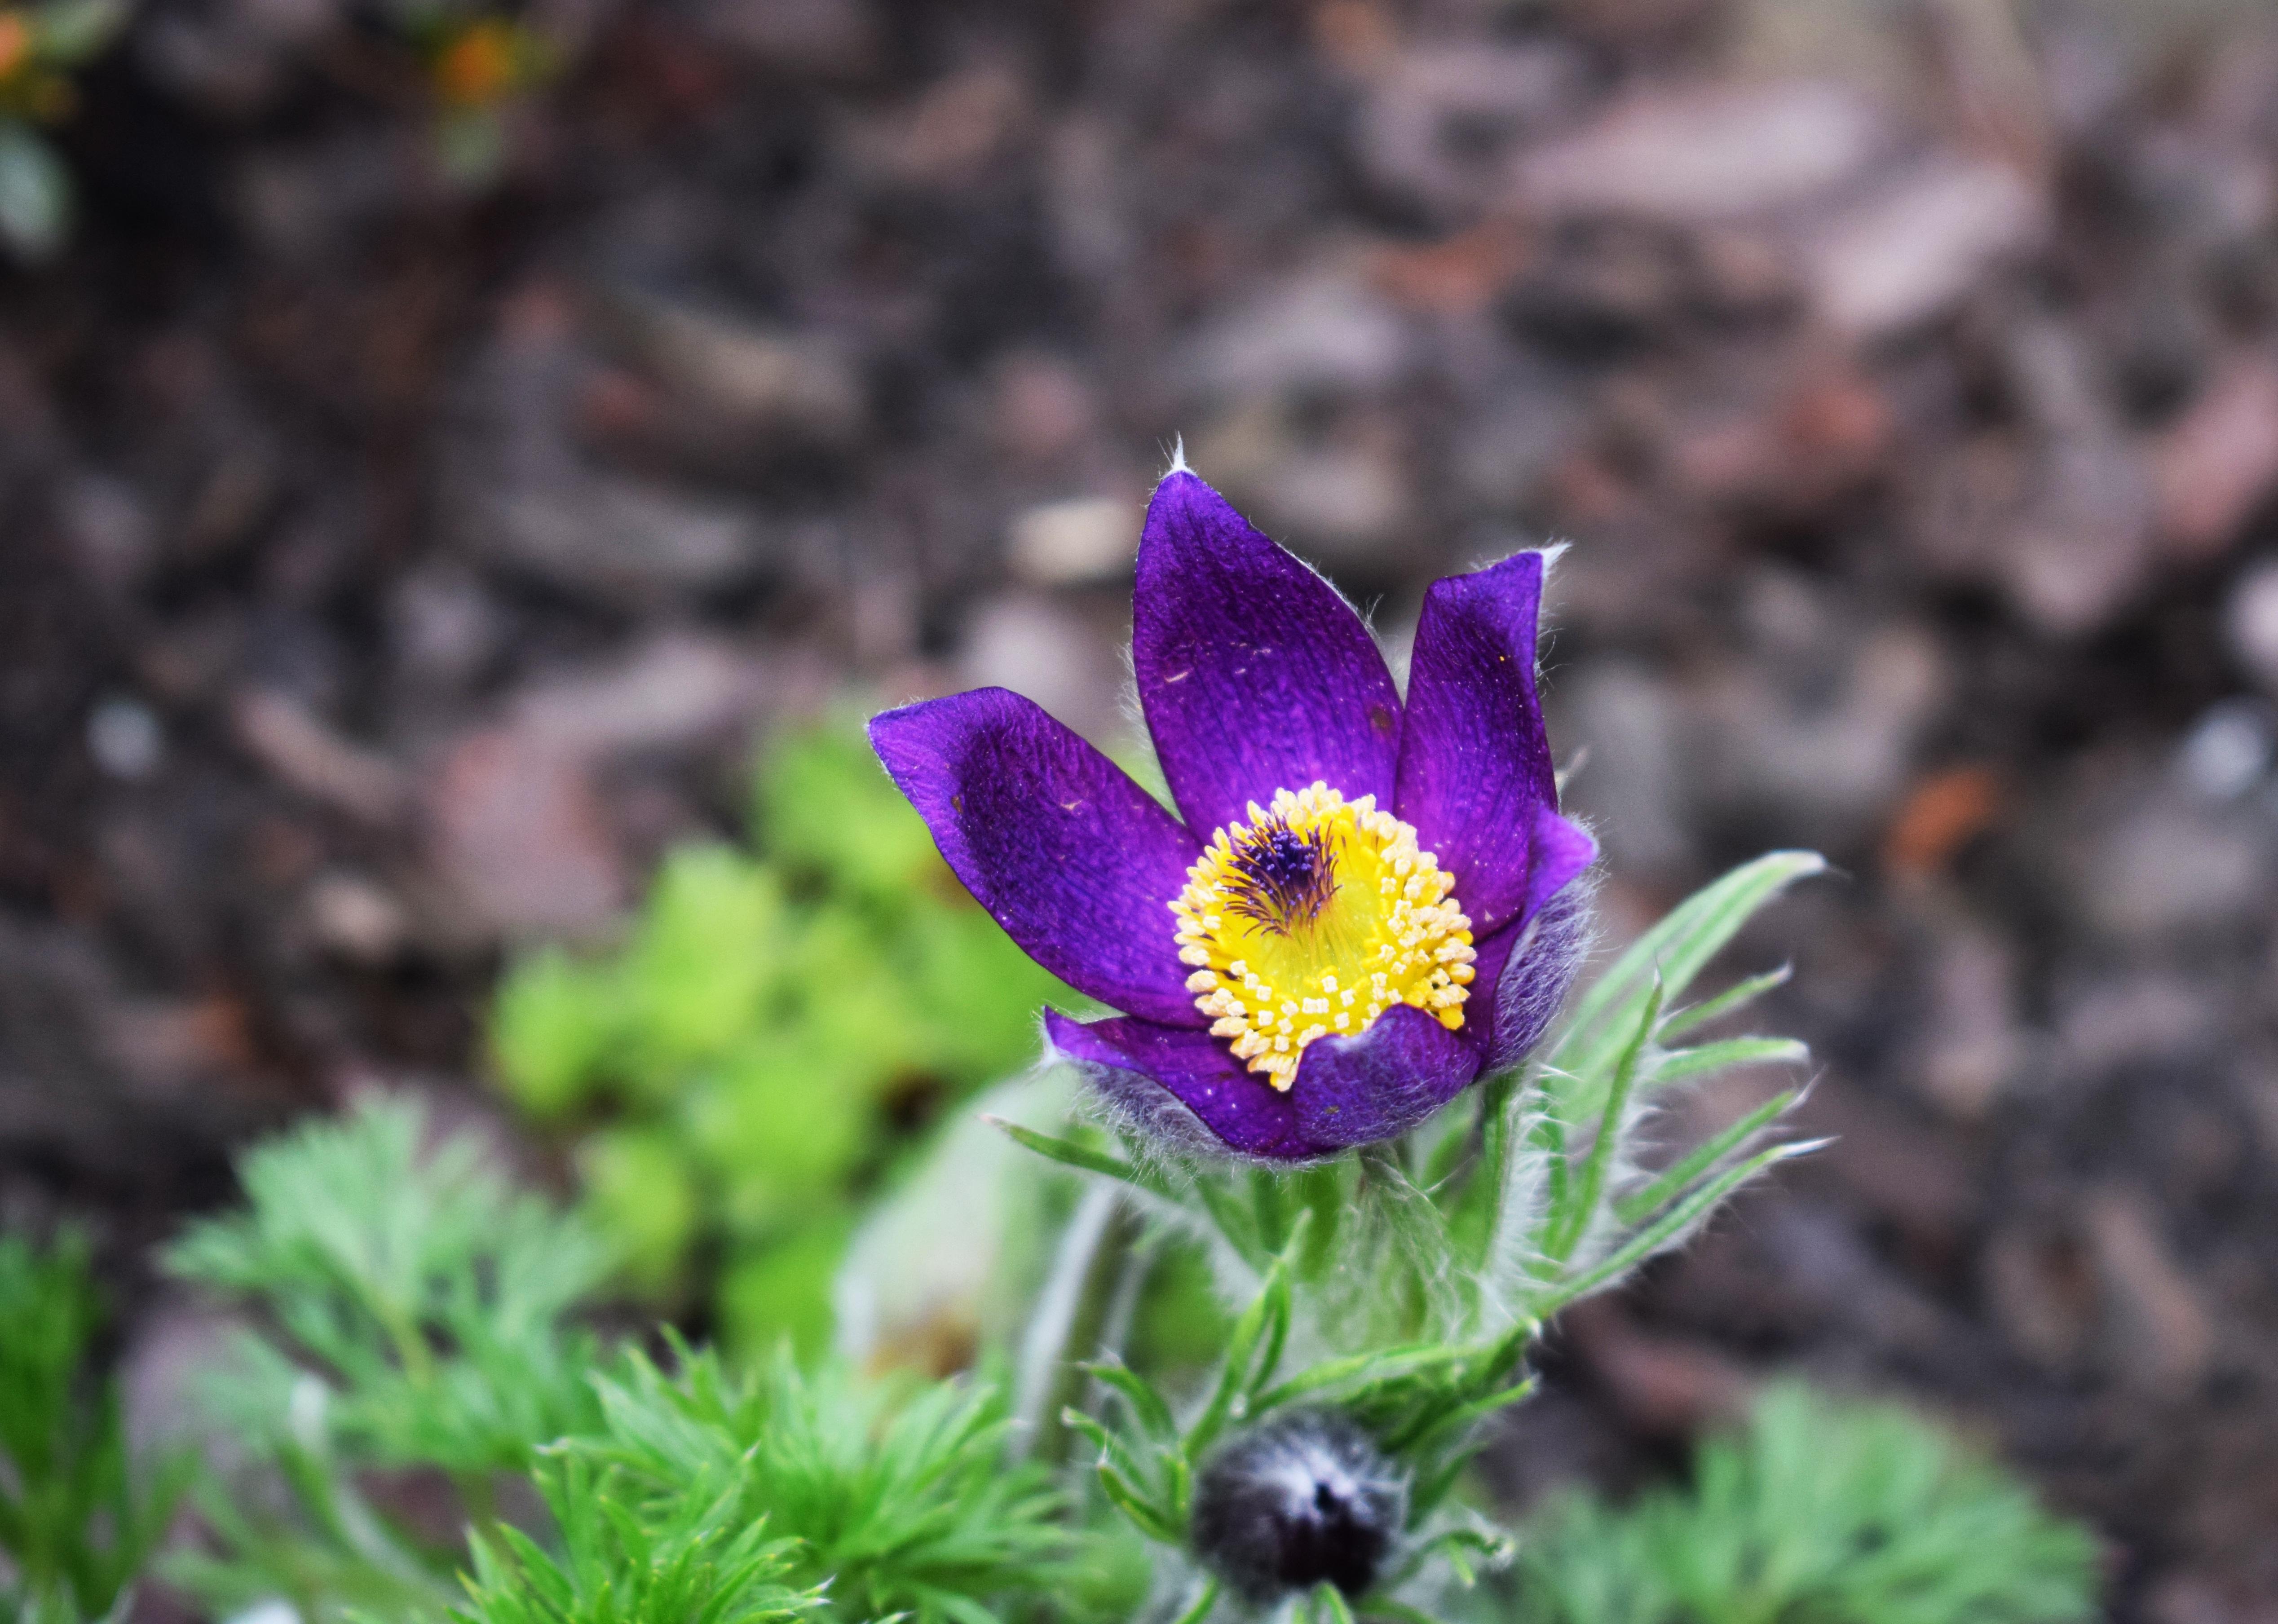 Fiori da giardino primavera estate - Fiori da giardino primavera estate ...